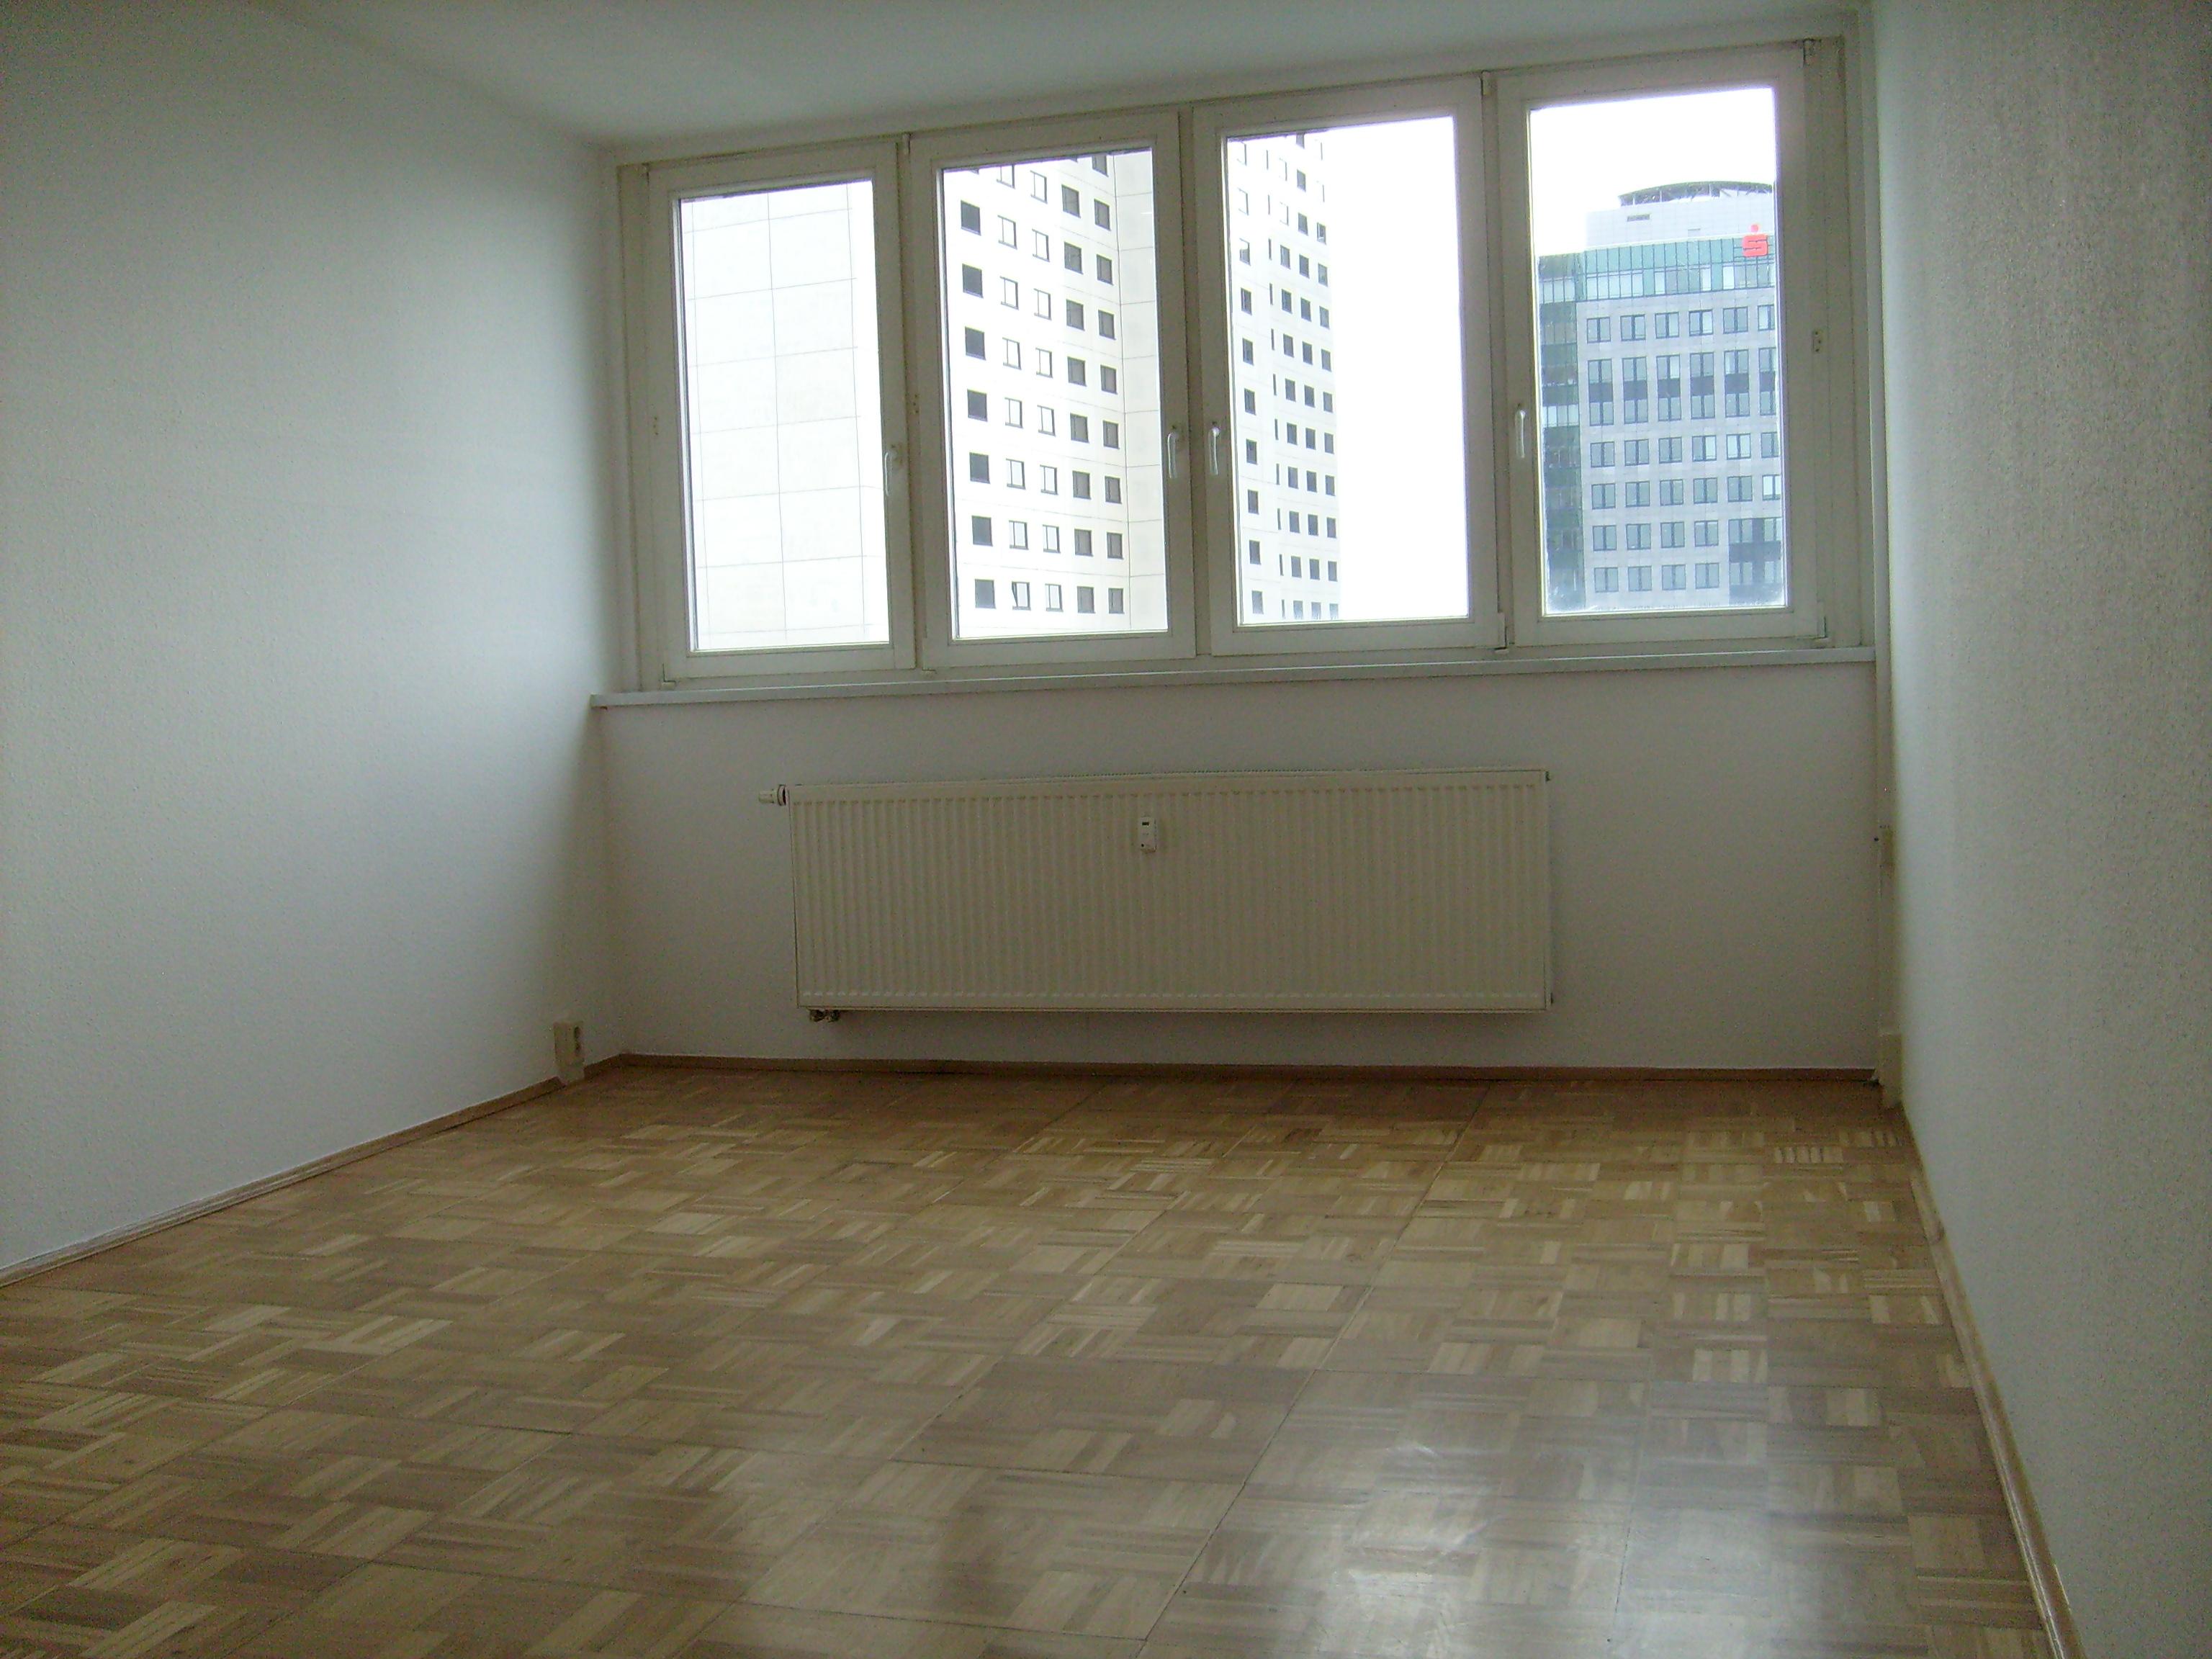 2 zimmer wohnung 50 qm zentrale lage ganz oben vermietung 2 zimmer wohnungen. Black Bedroom Furniture Sets. Home Design Ideas